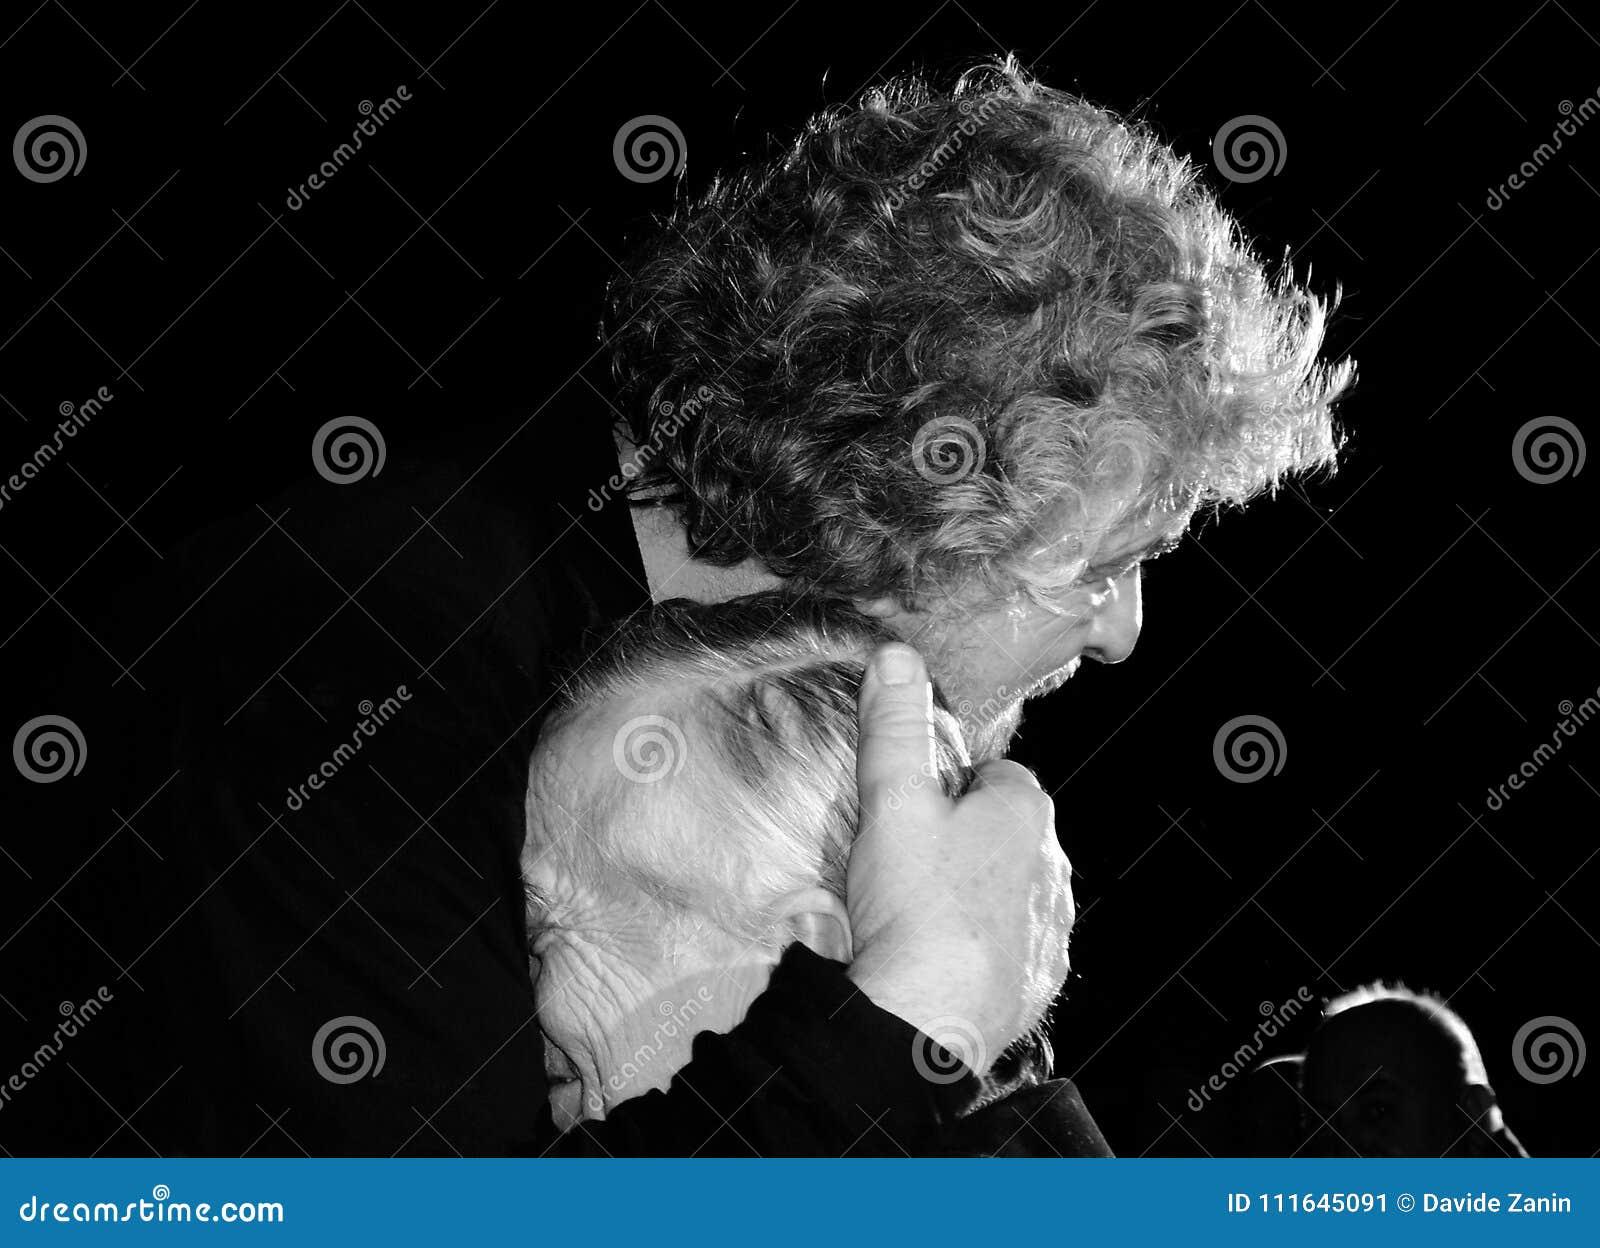 Beppe Grillo omhelst affectionately een bejaarde persoon